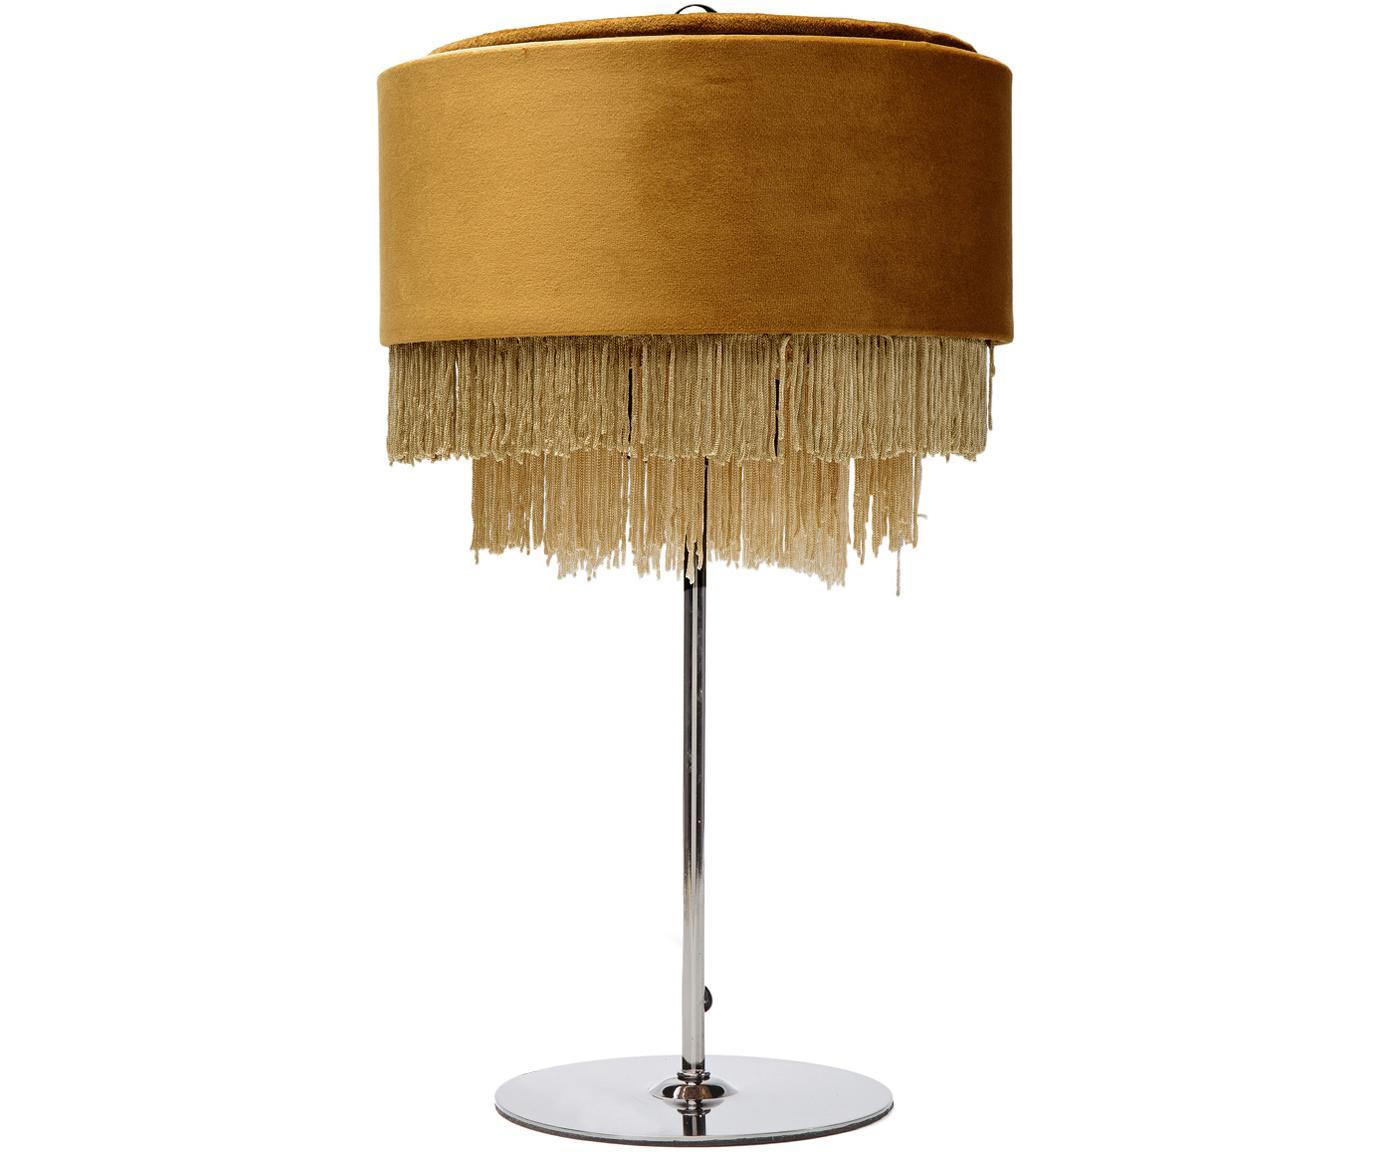 Lampada da tavolo in velluto Tassel, Frange: poliestere, Base della lampada: acciaio verniciato, Giallo, Ø 25 x Alt. 43 cm